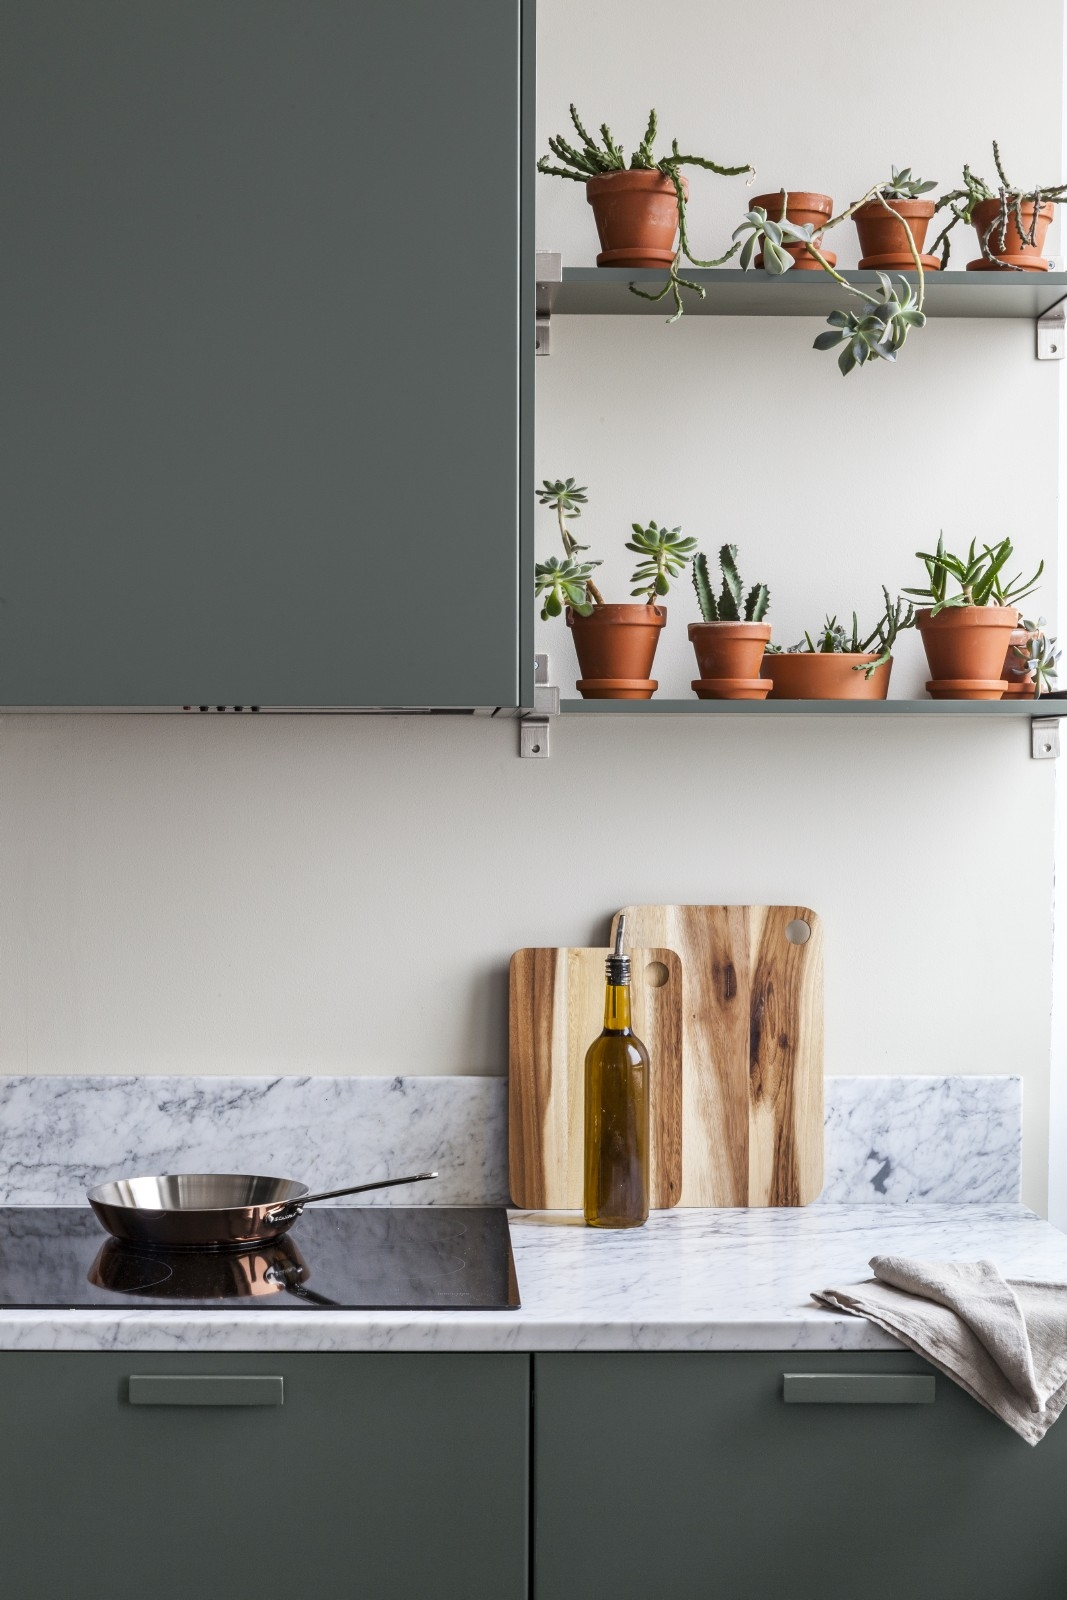 Korras ümbrus ja elusad aksessuaarid aitavad energiataset tõsta! Detailid on olulised. Foto: Tikkurila värvitrendid 2019.